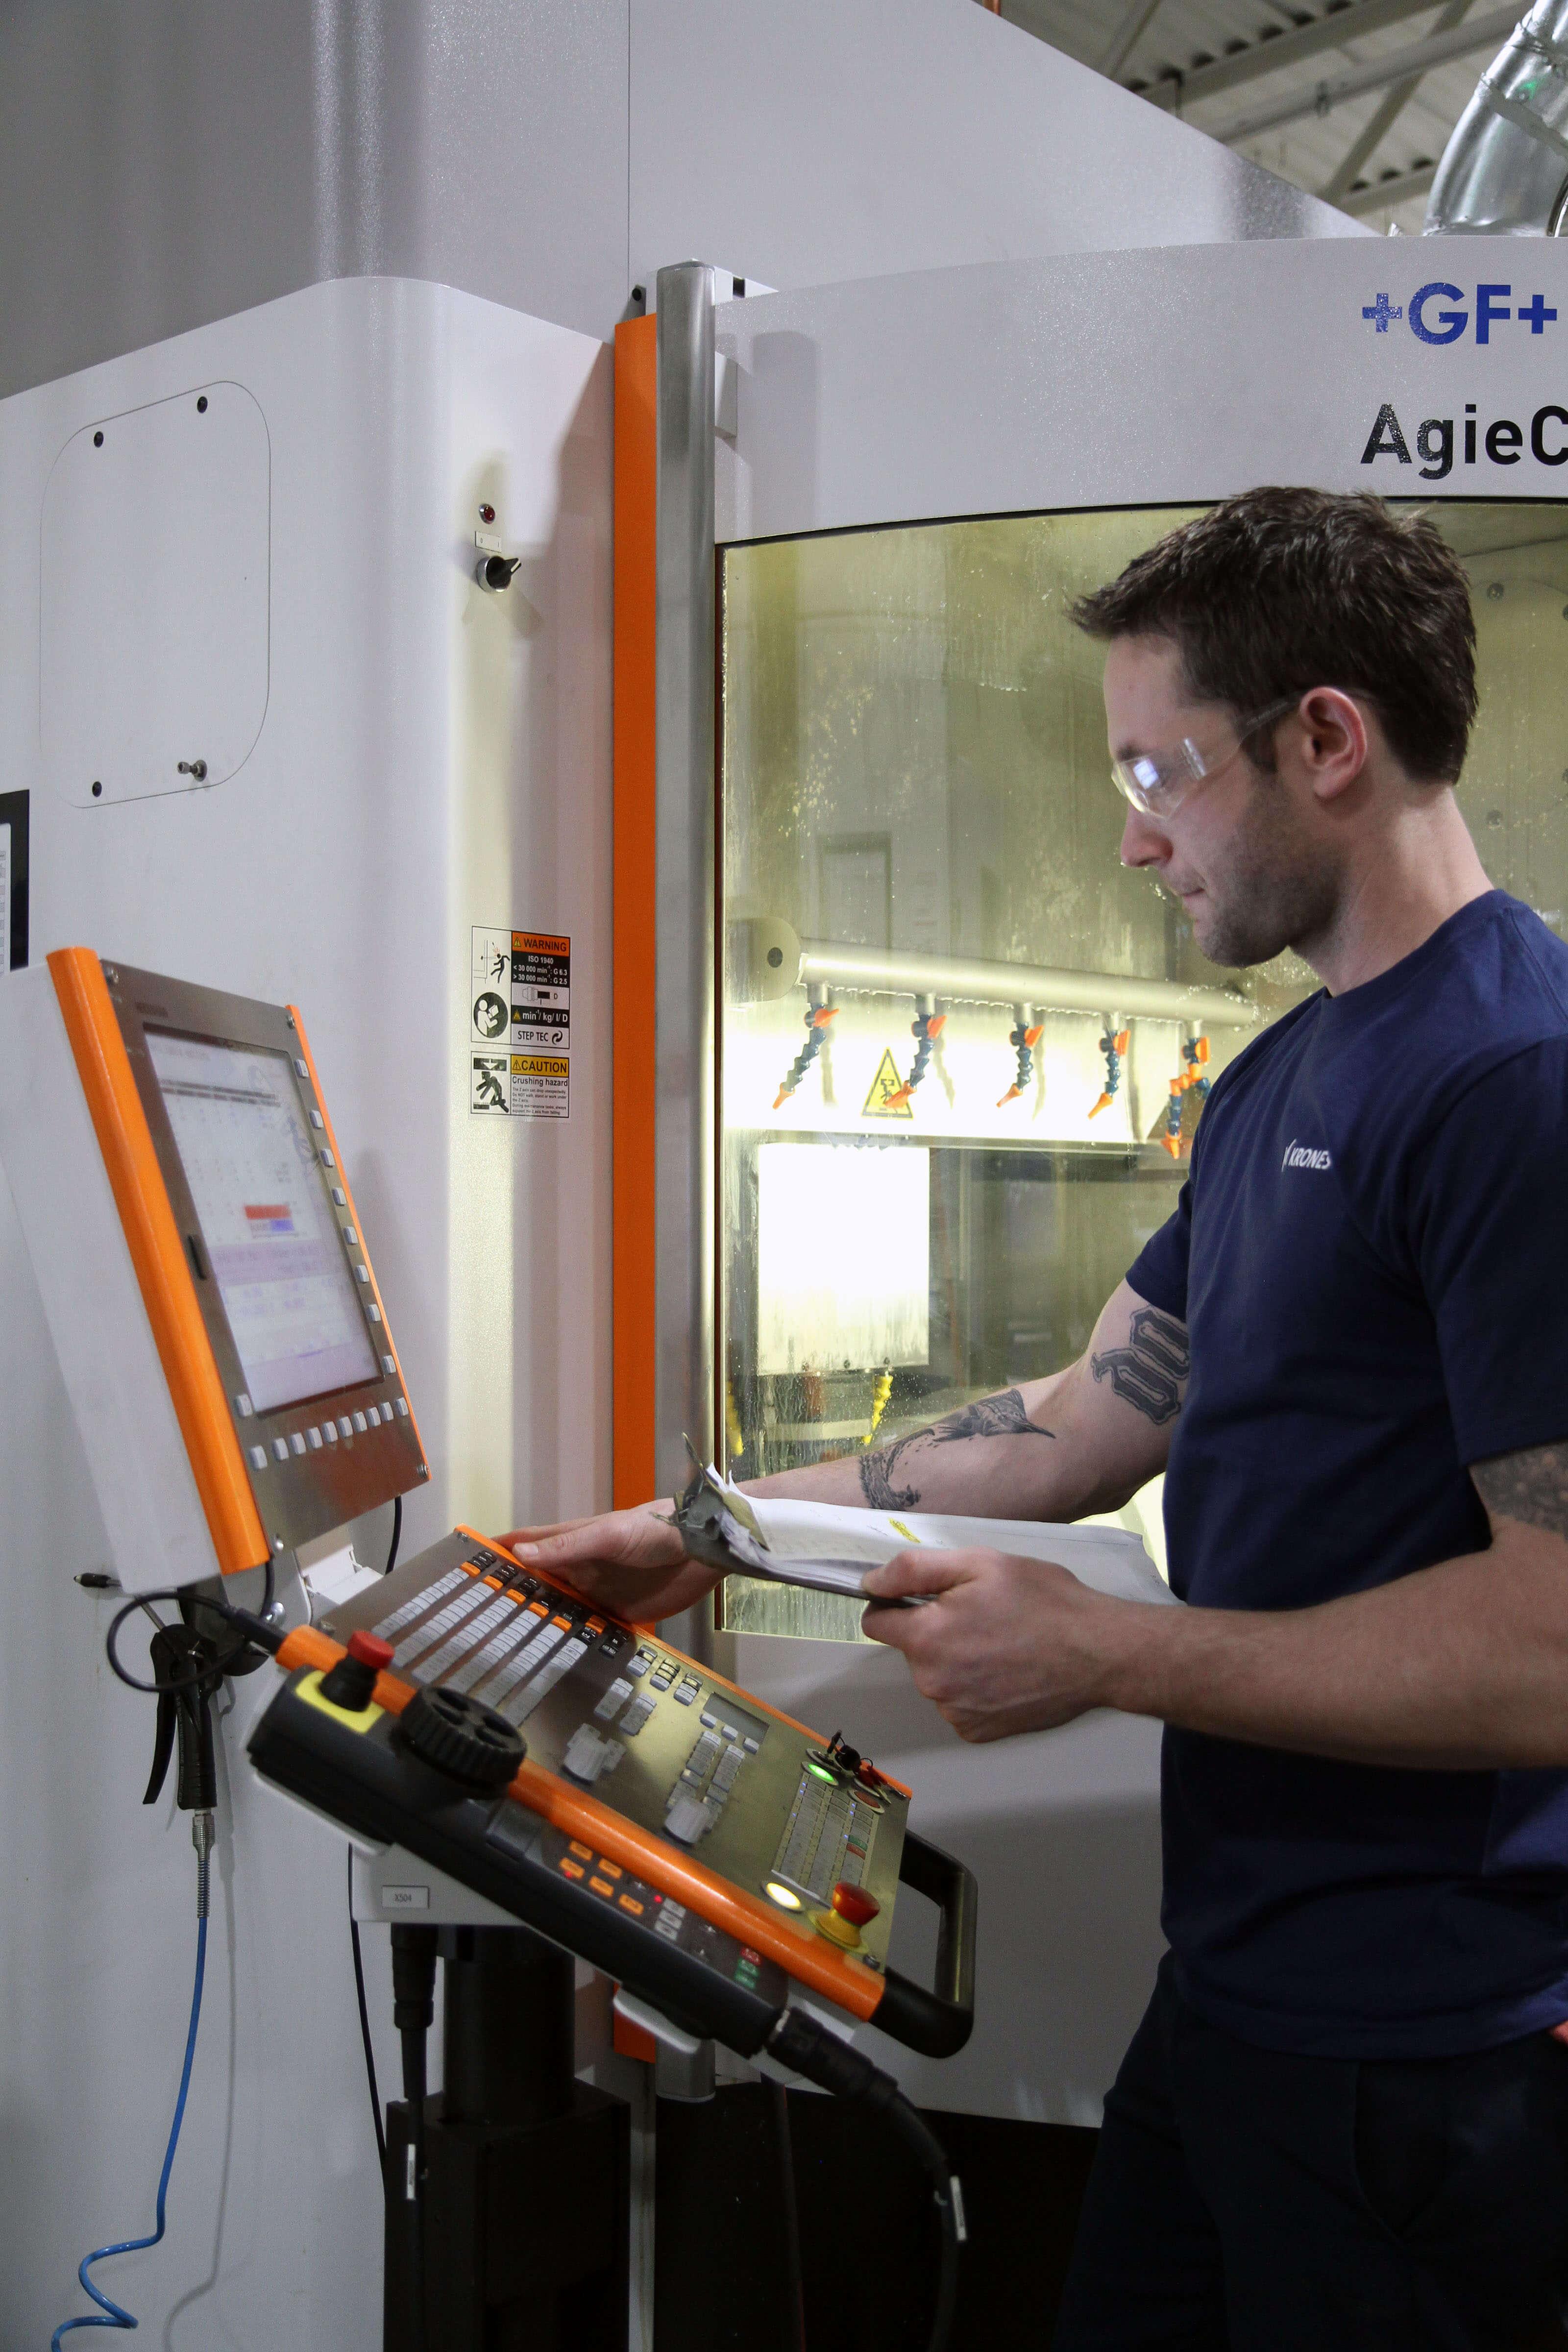 Digital Manufacturing in Action at Krones - HEIDENHAIN